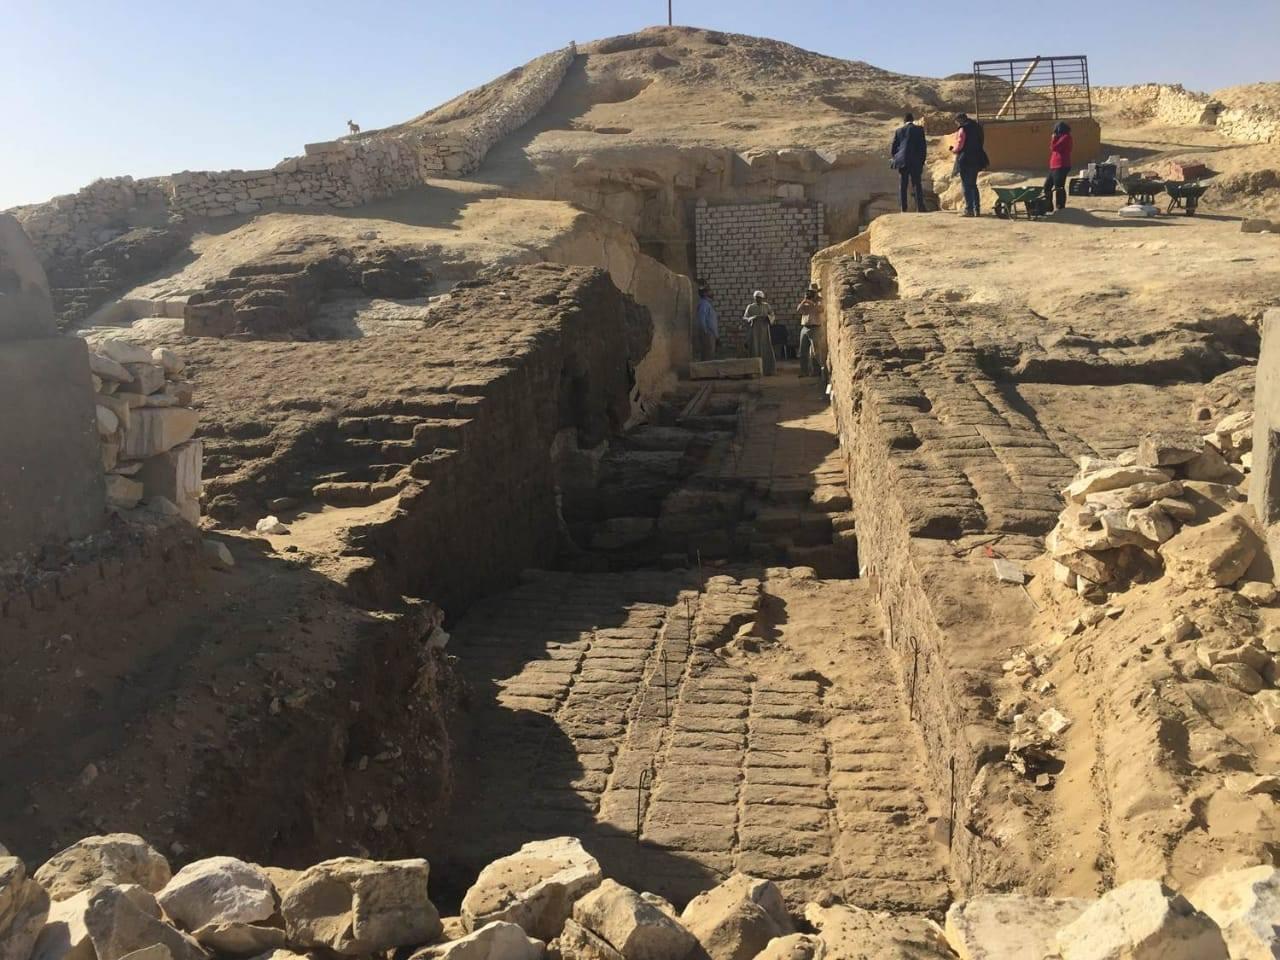 Древний Египет: археологи нашли 800 захоронений возрастом 4000 лет